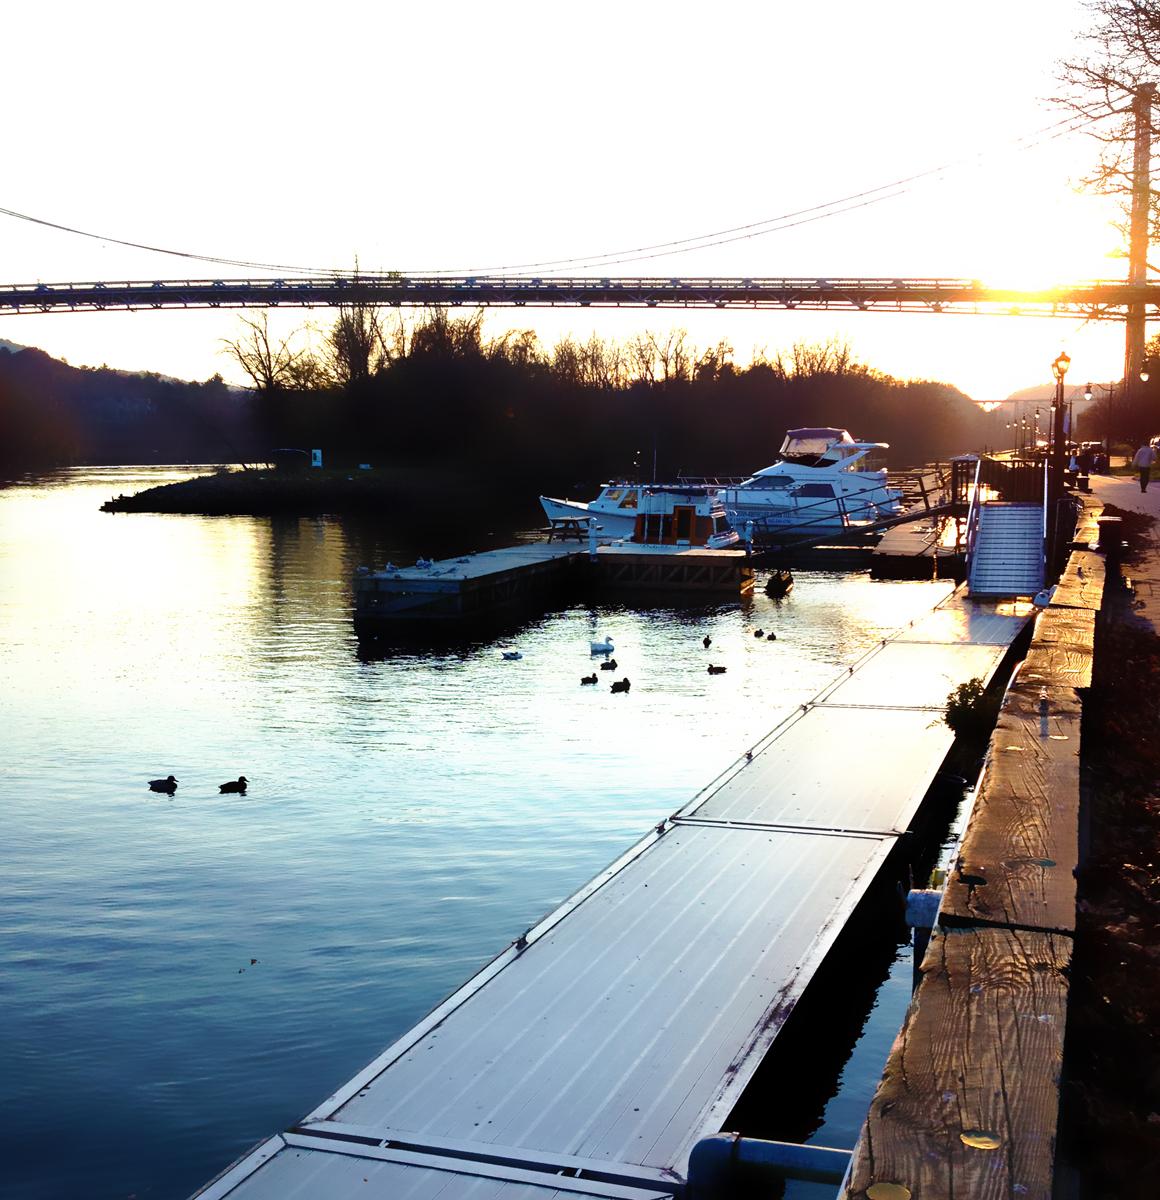 rondout-river-walk-kingston-weeeknder-the-saint-james-kingston.JPG